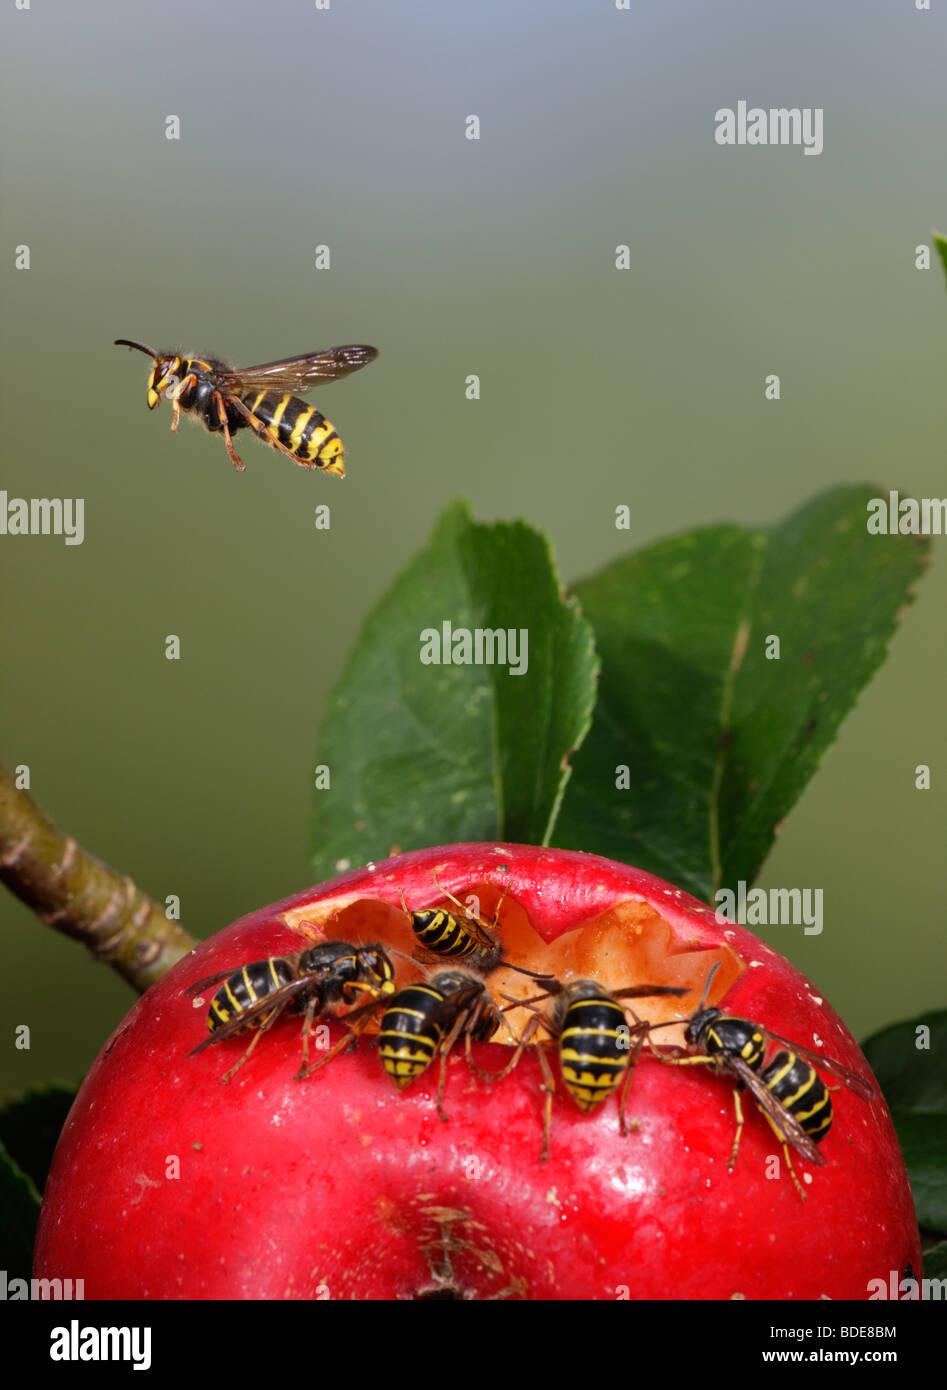 Mediana de avispas comunes y medios Dolichovespula avispas Vespula vulgaris alimentándose de apple caídos Imagen De Stock